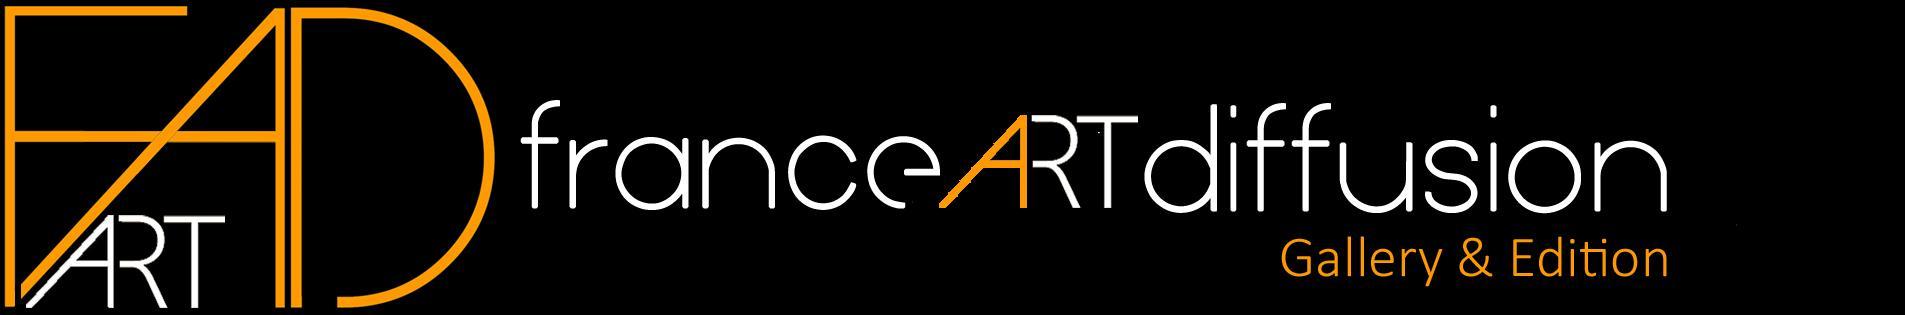 Logo franceartdiffusion 2 copie 1